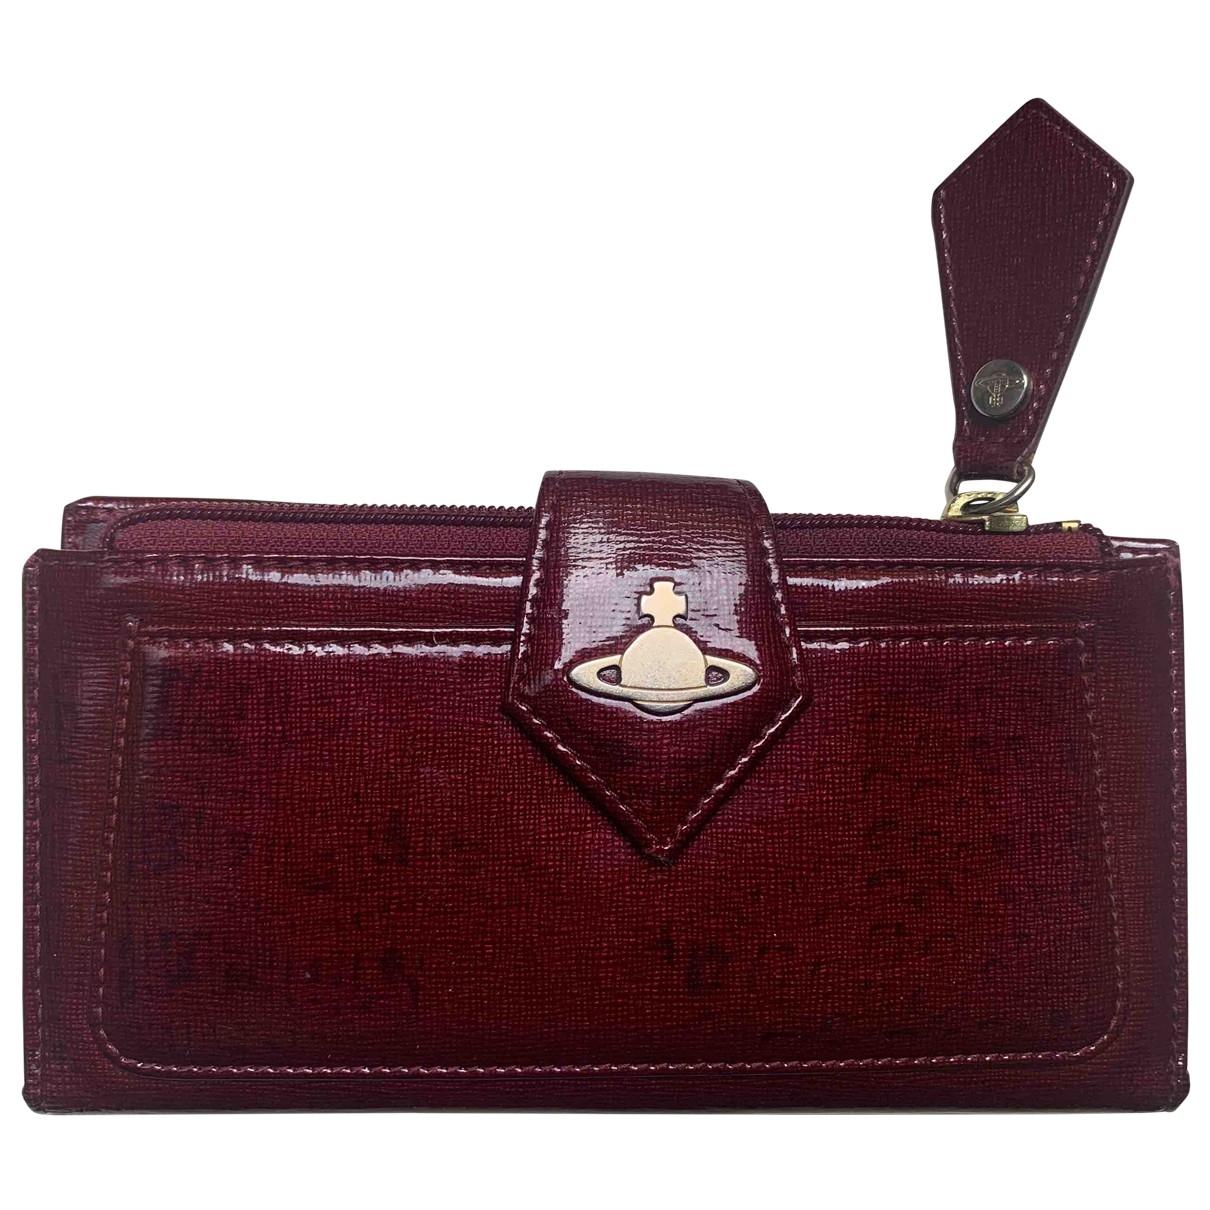 Vivienne Westwood - Portefeuille   pour femme en cuir - bordeaux